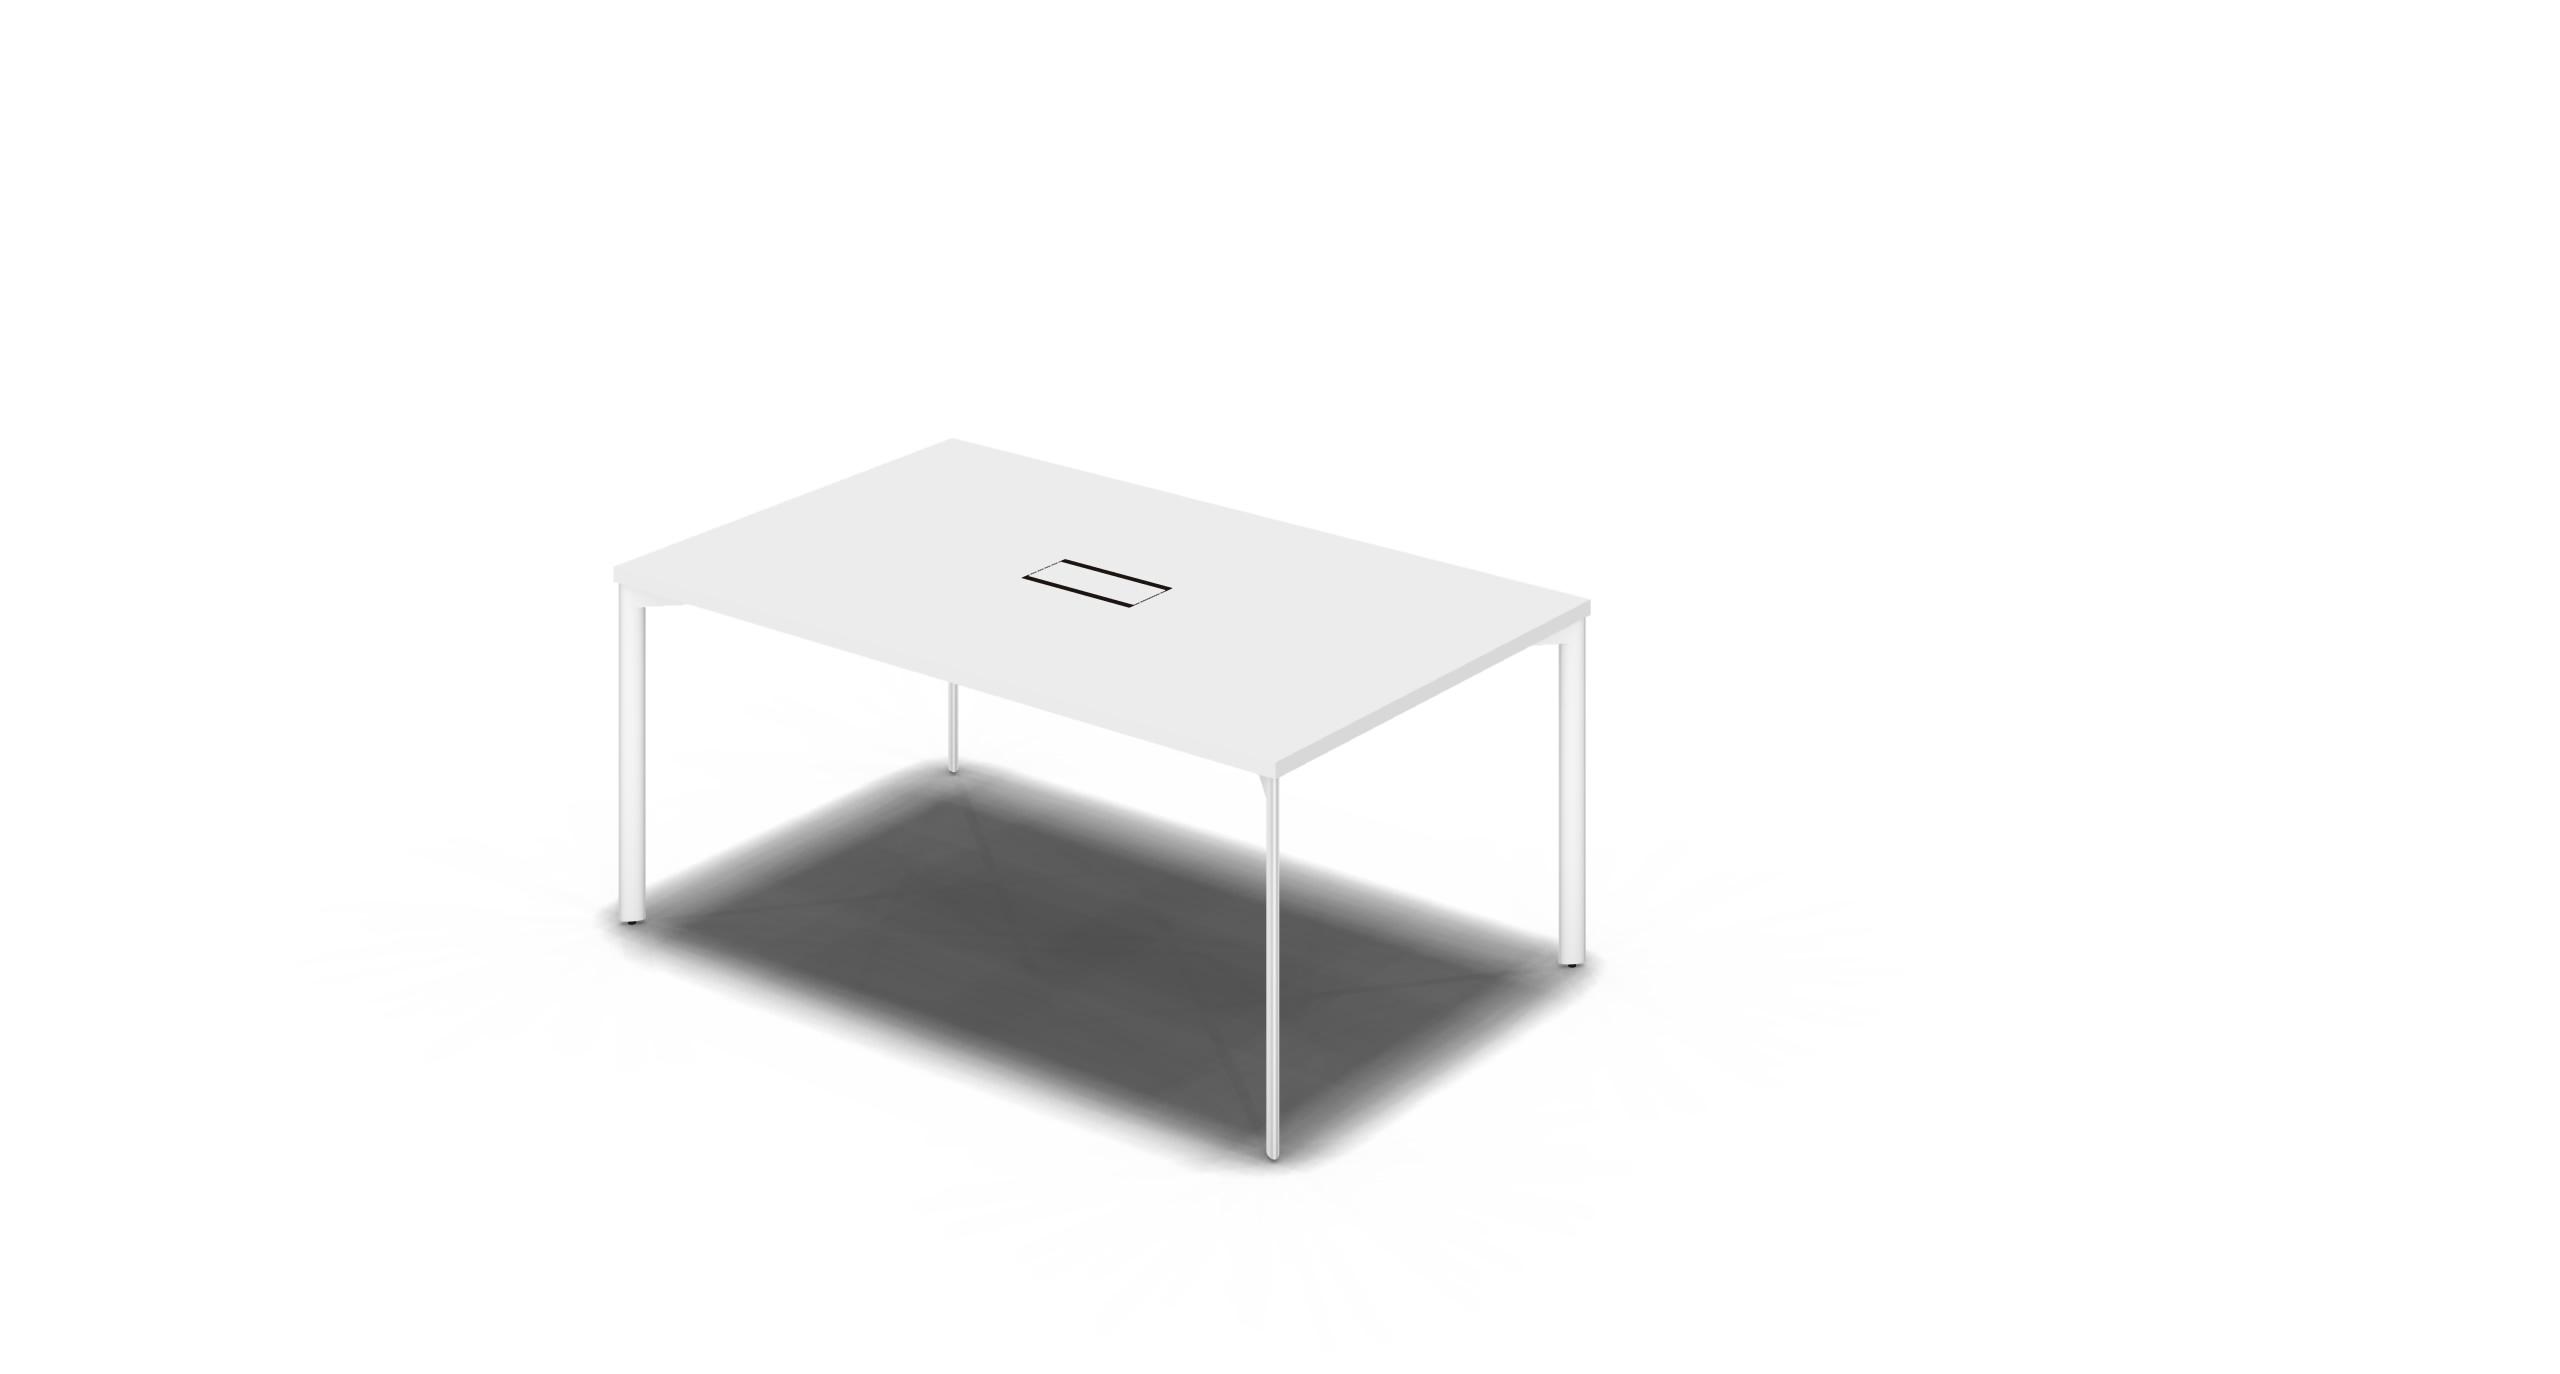 Table_Slim_1500x900_White_White_withOption